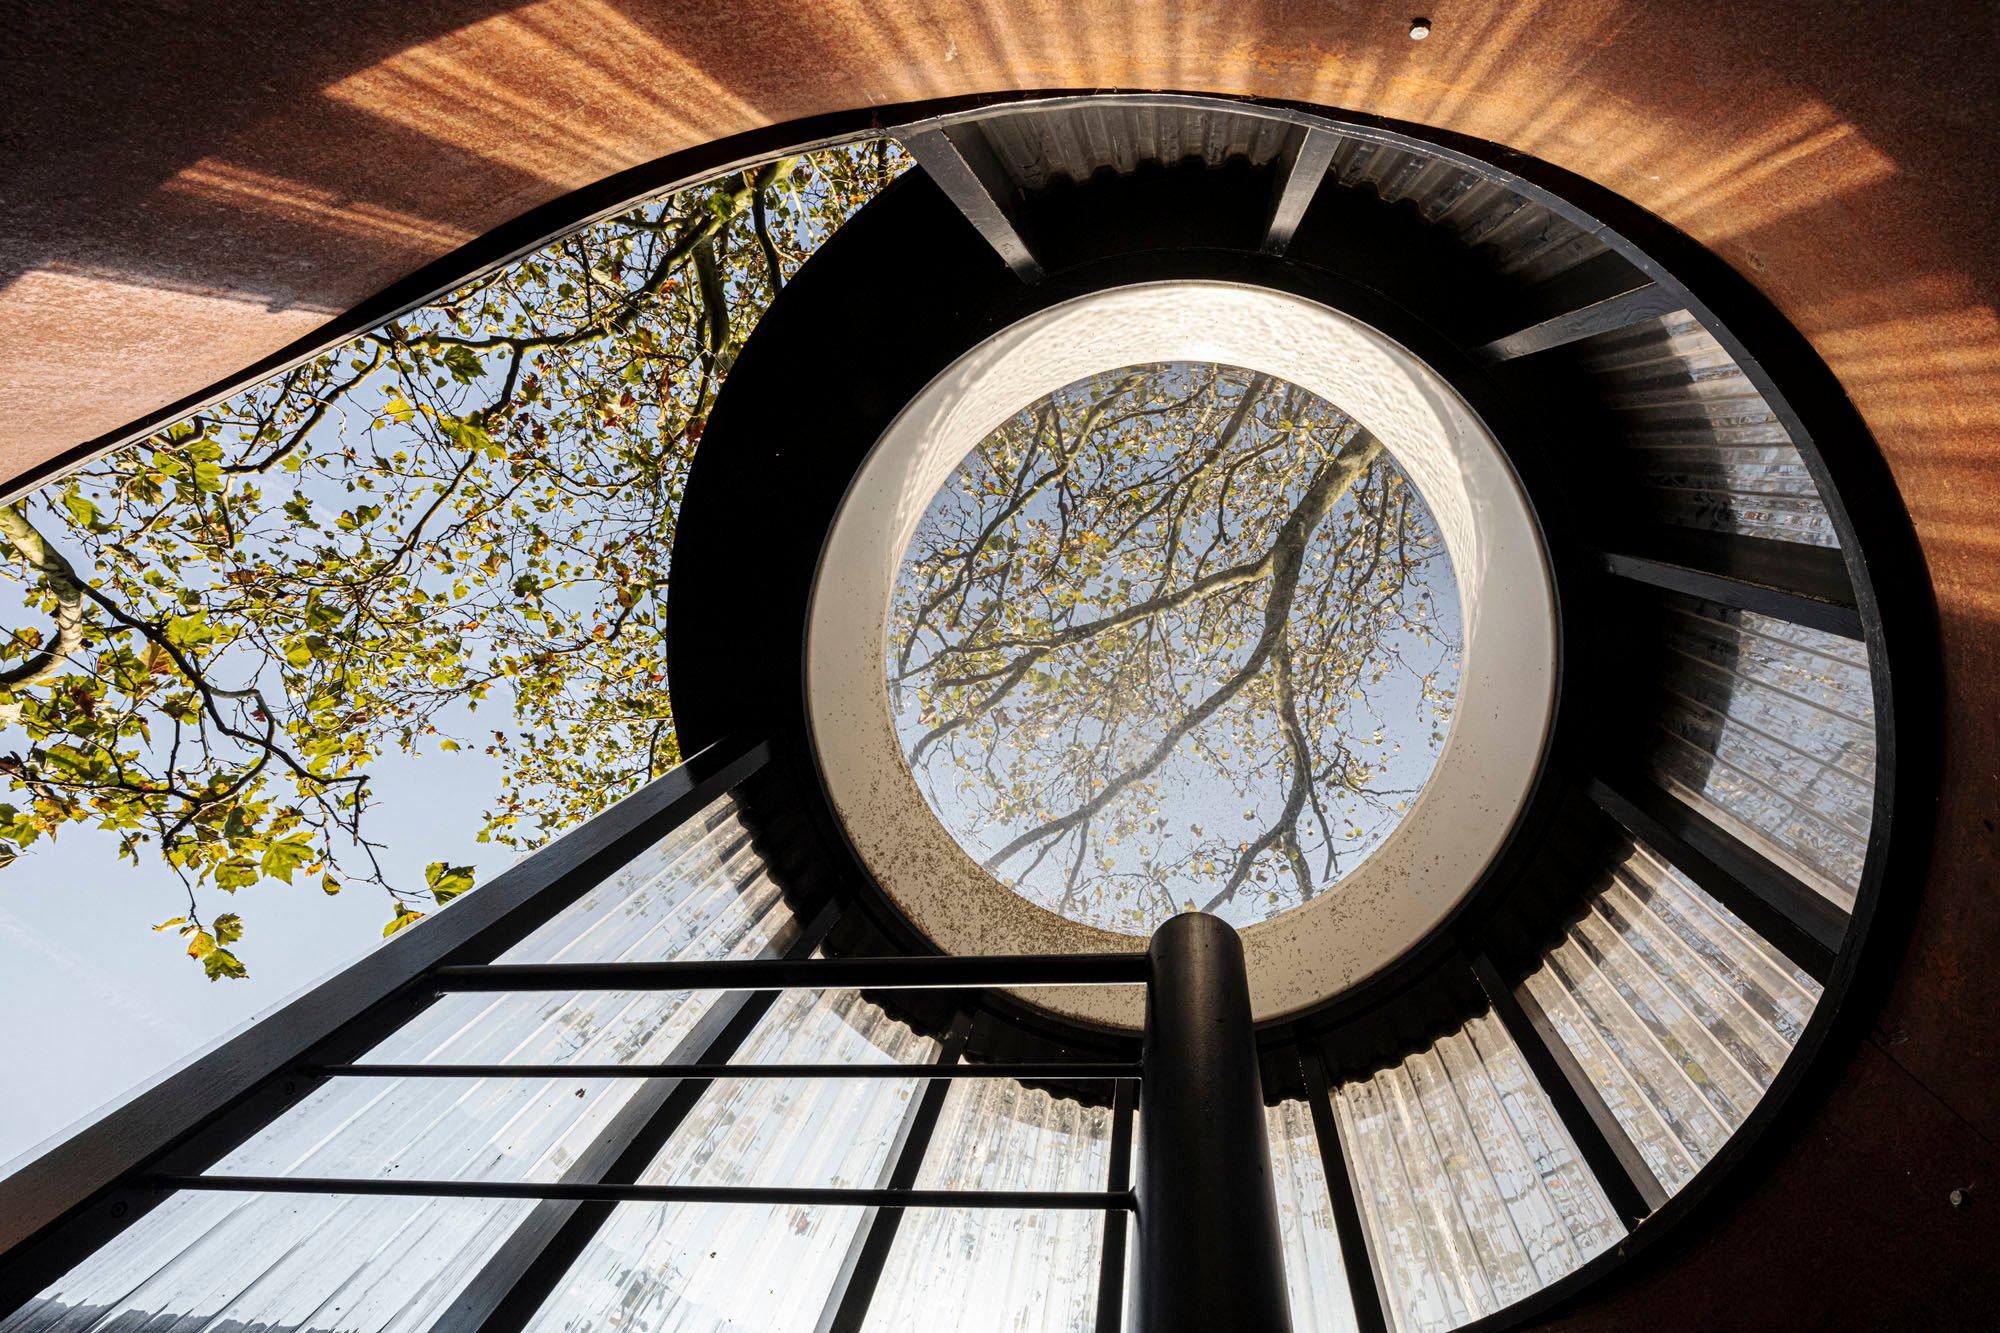 Über die Wendeltreppe geht es vom Wohnraum hinauf zur Aussichtsplattform.